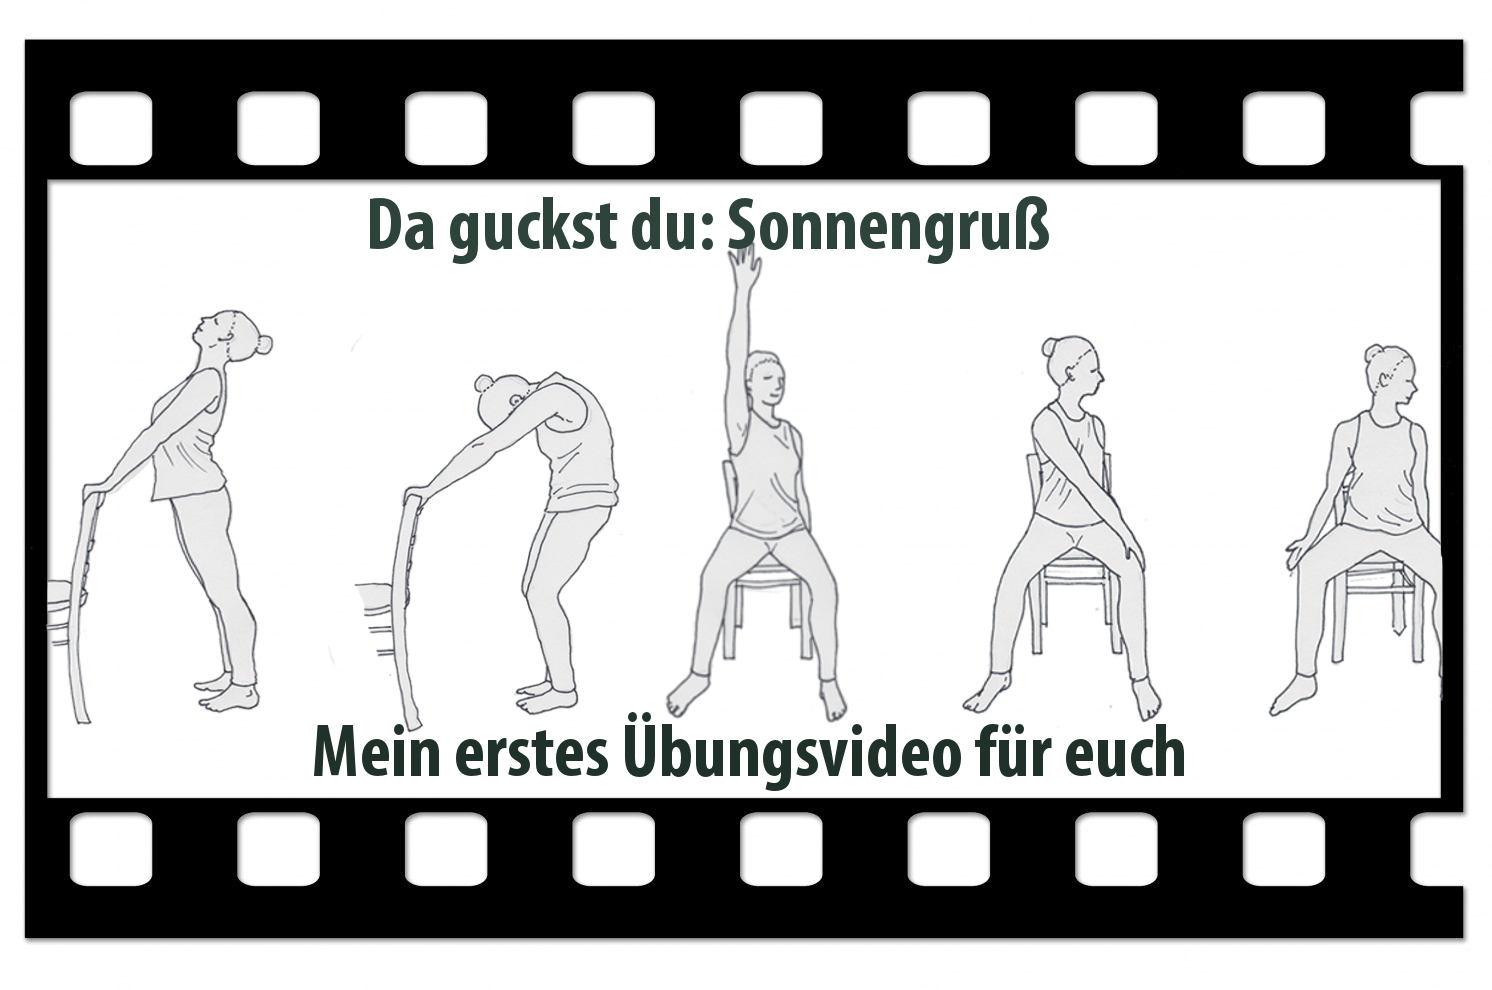 Videologo von Trotzallembewegend mit gezeichneten Yogahaltungen auf und am Stuhl. Titel: Sonnengruß. Mein erstes Übungsvideo für euch